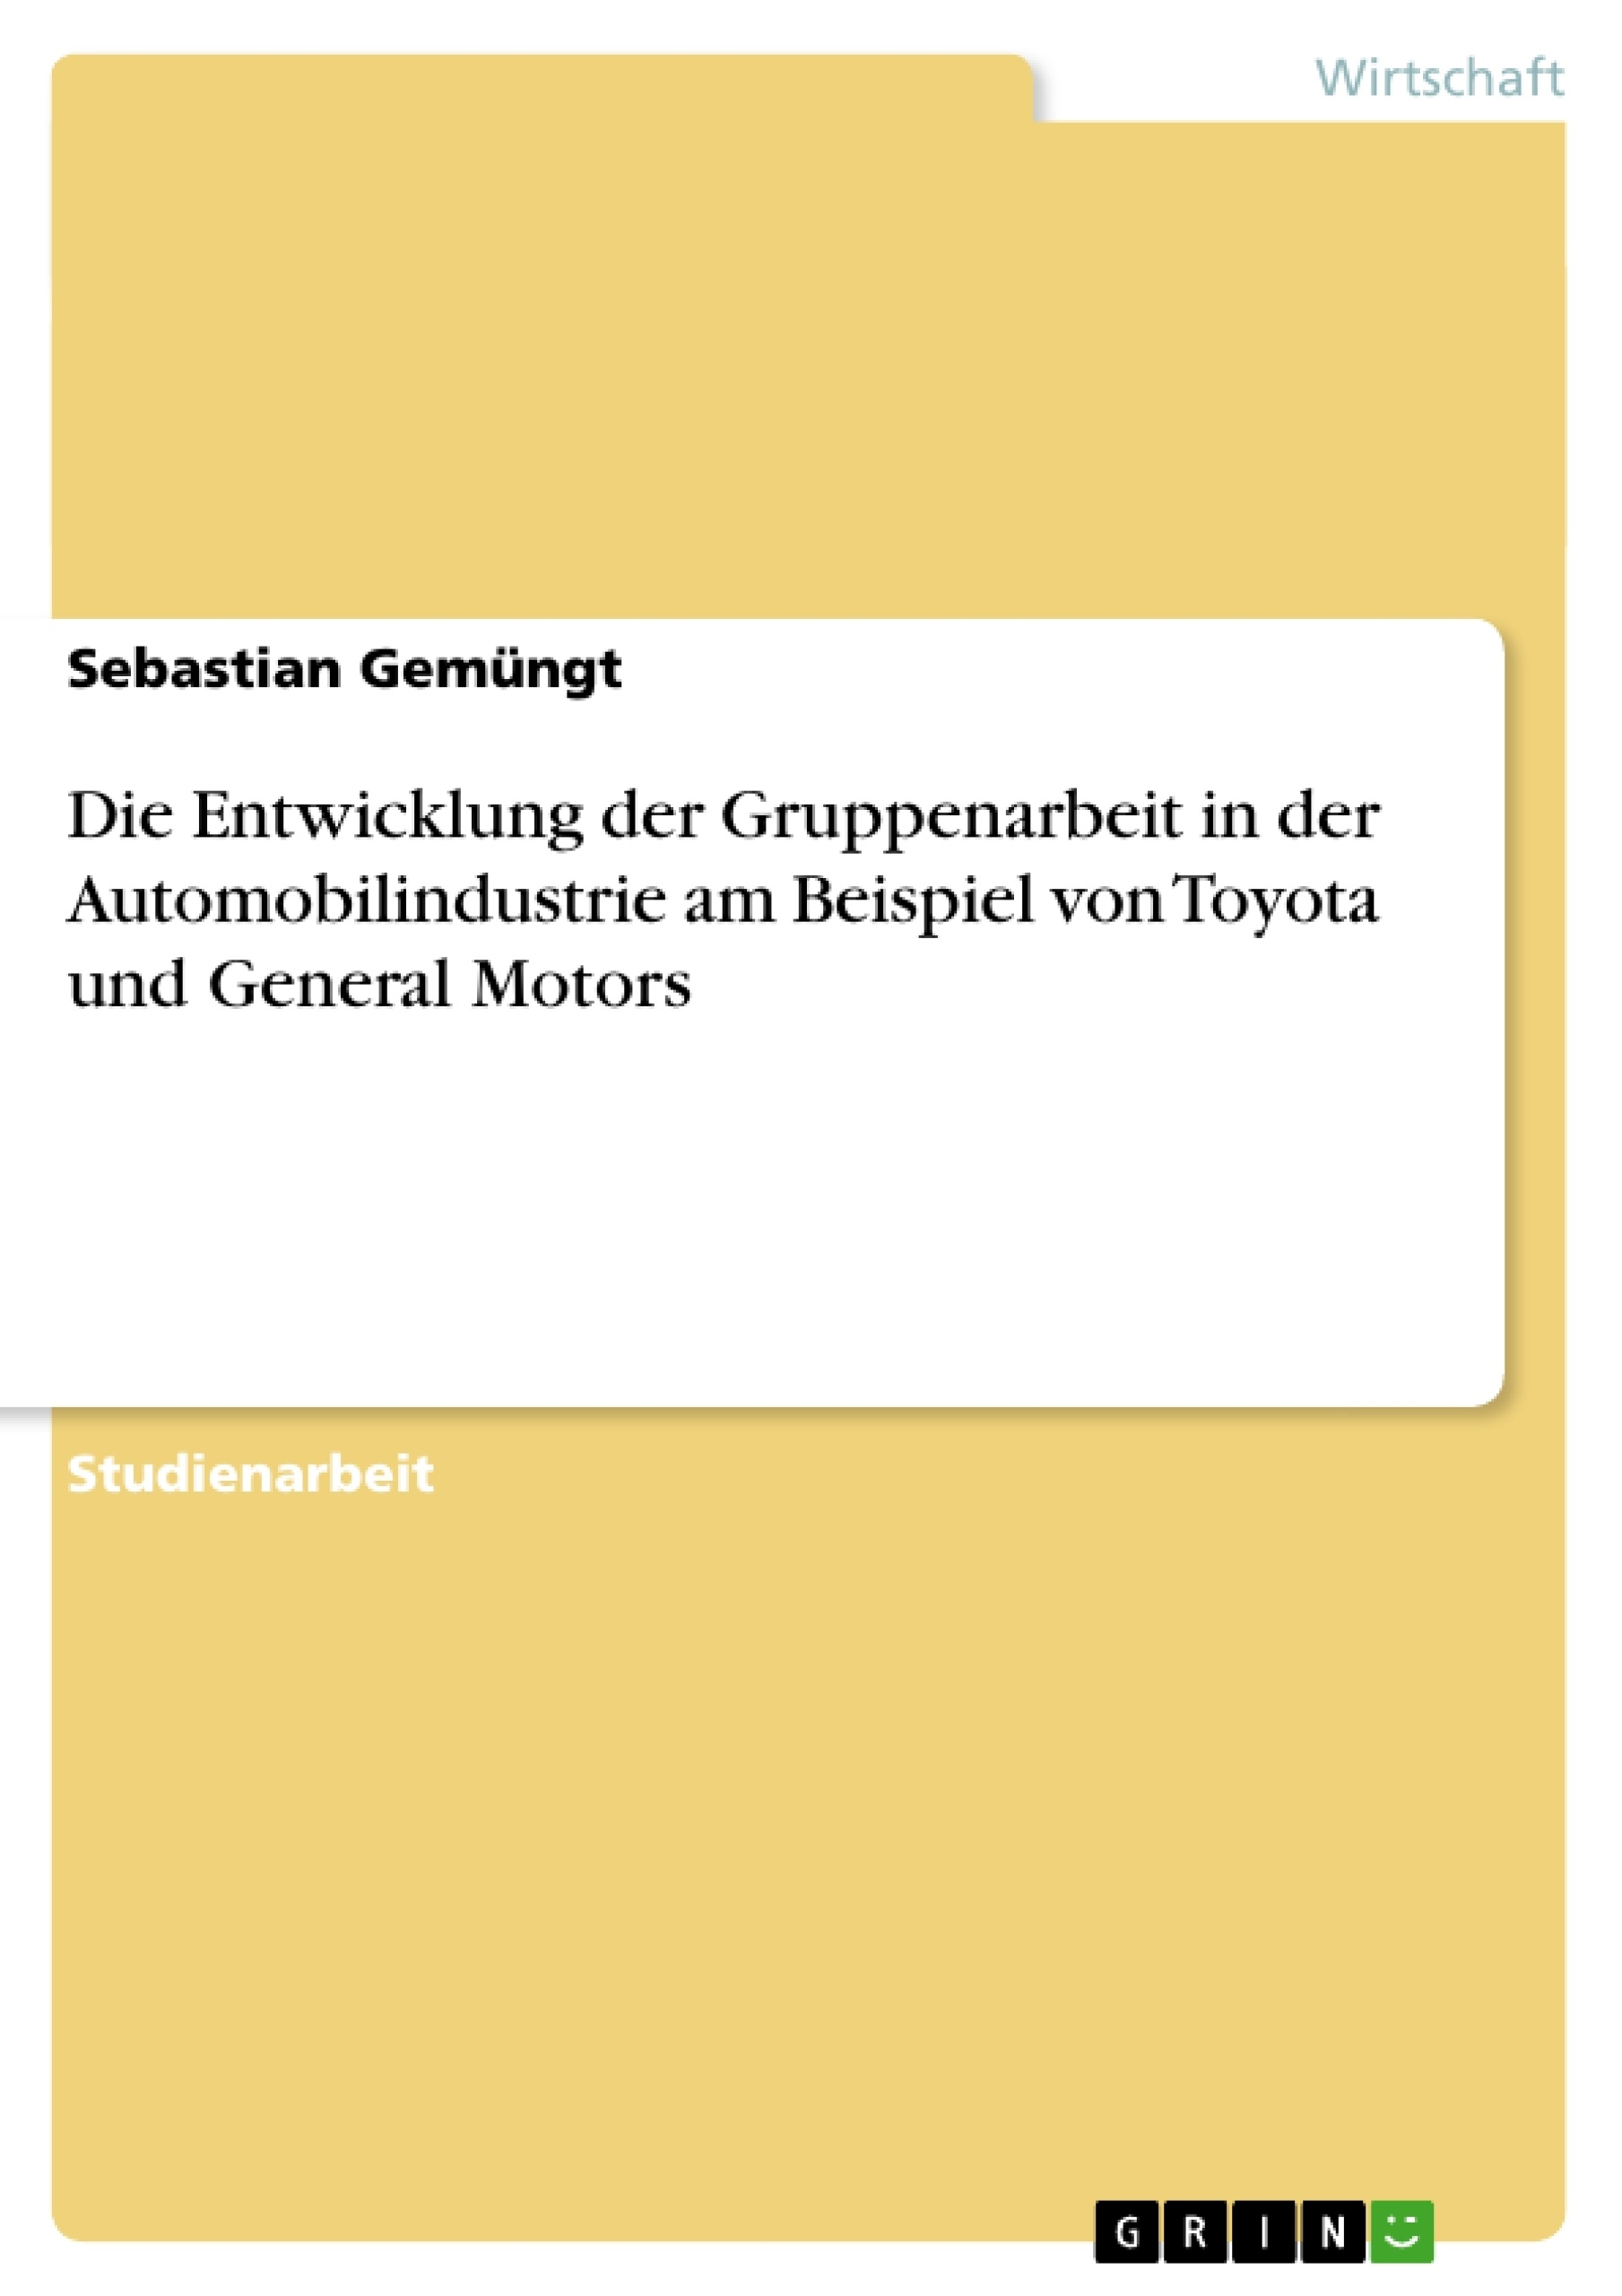 Titel: Die Entwicklung der Gruppenarbeit in der Automobilindustrie am Beispiel von Toyota und General Motors